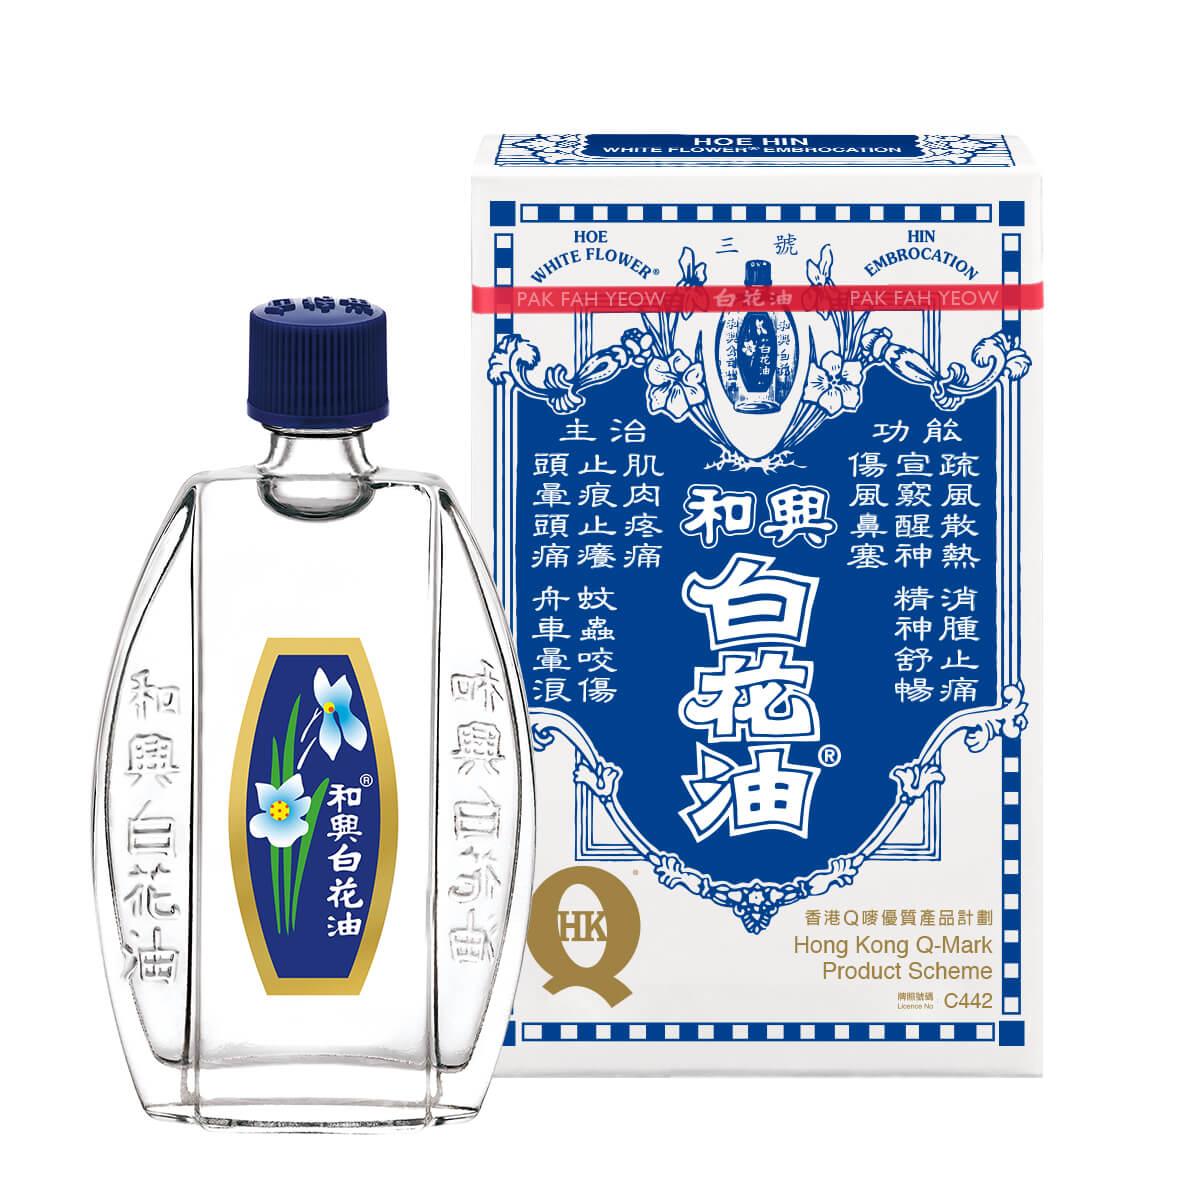 和興白花油(5亳升) – 傳統配方